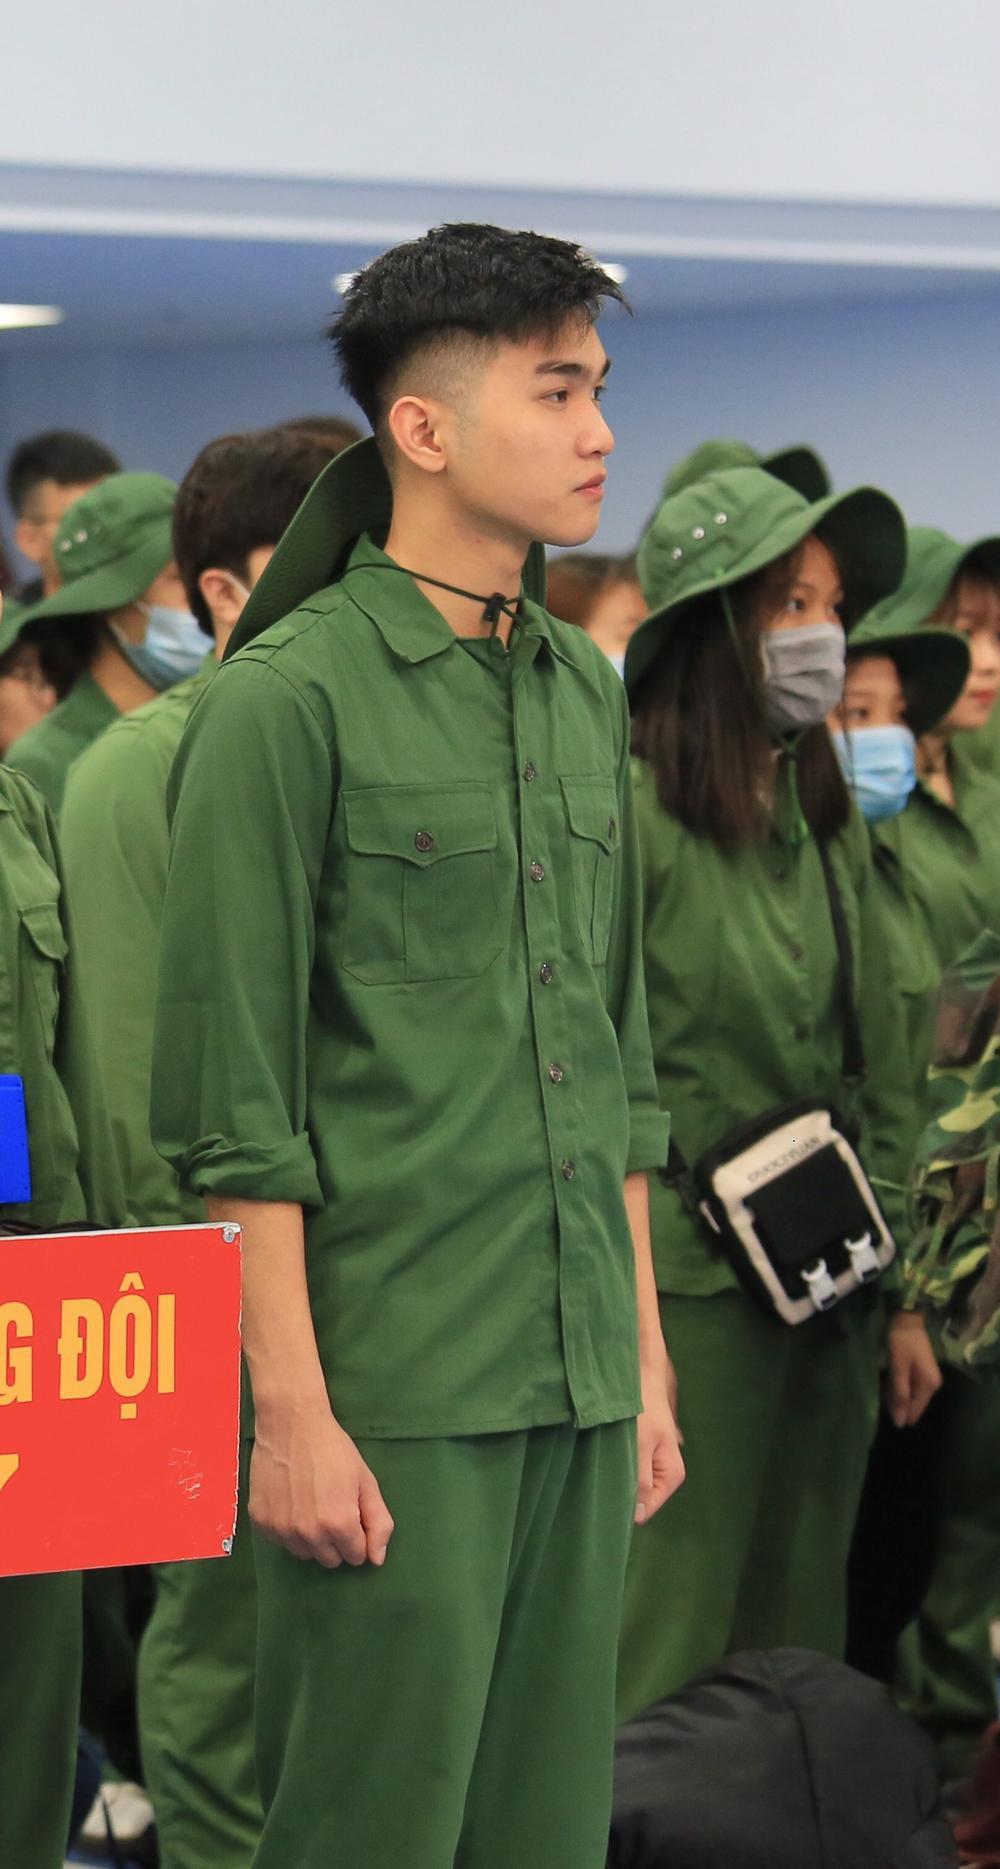 Chiêm ngưỡng dàn 'Trai xinh gái đẹp'- 'Đặc sản' mùa quân sự của Học viện Chính sách và Phát triển Ảnh 1